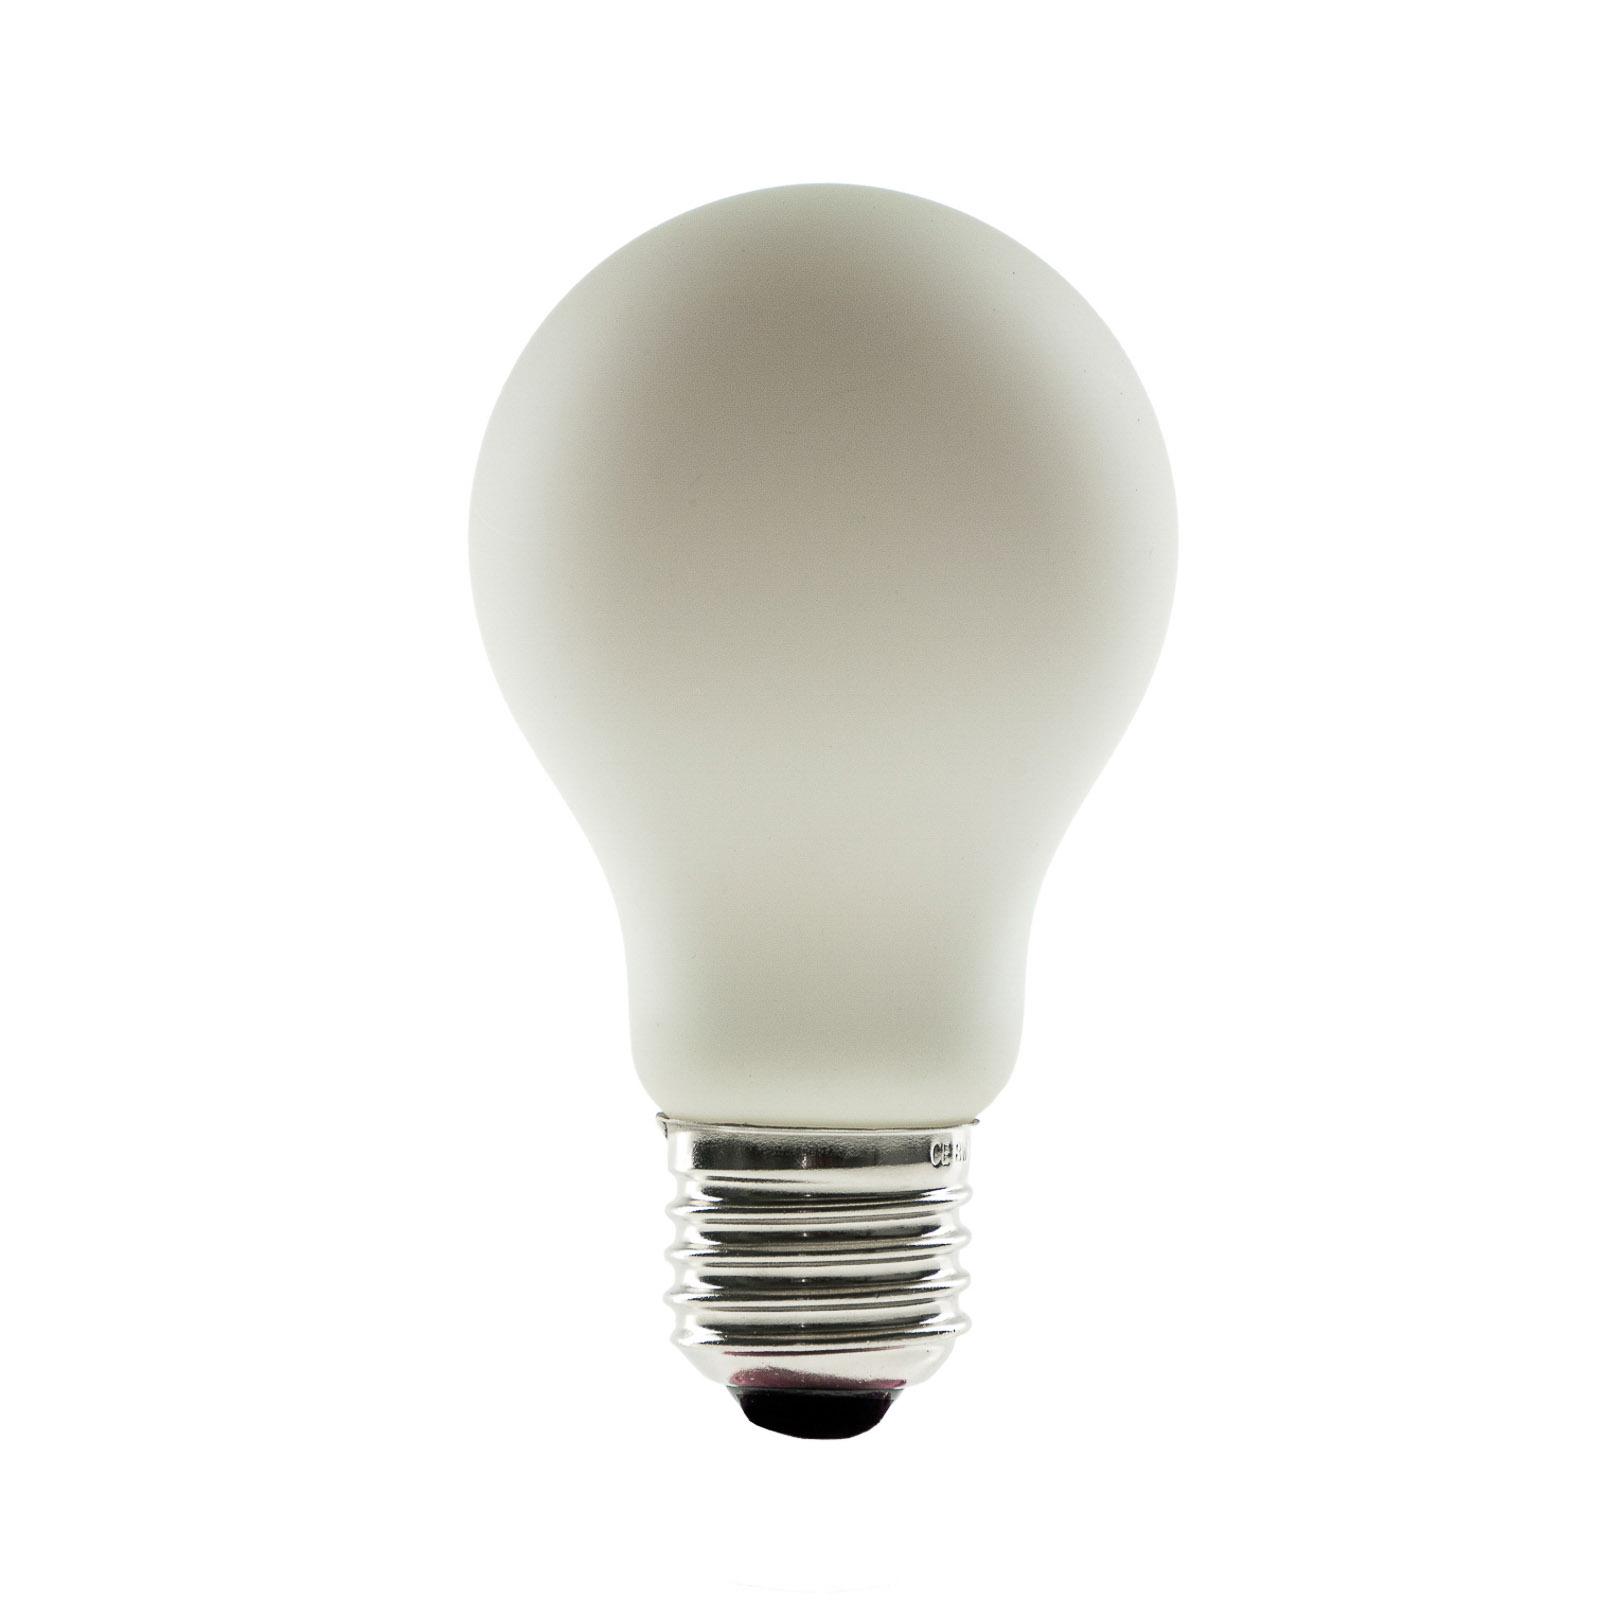 SEGULA LED-pære E27 8 W stemning dimming